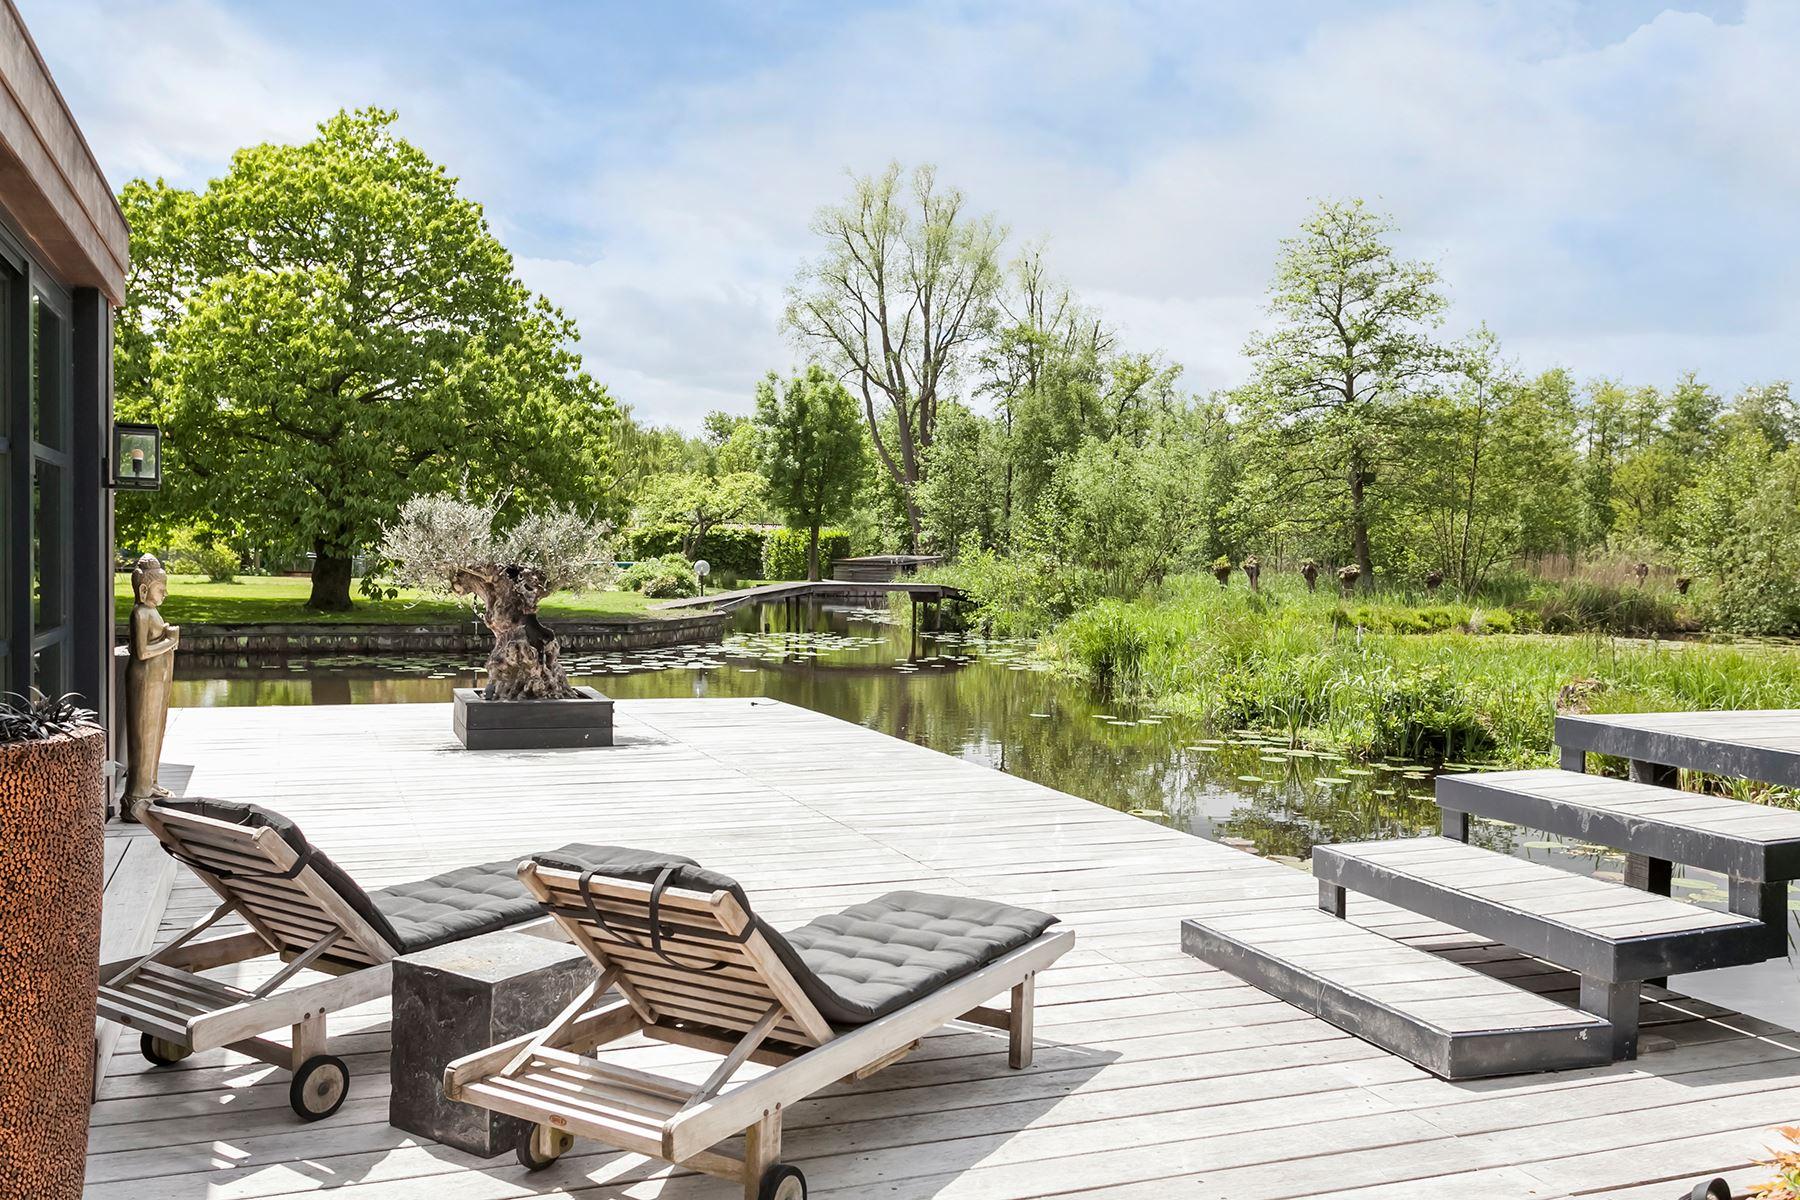 деревянная терраса мостик водоём лежаки